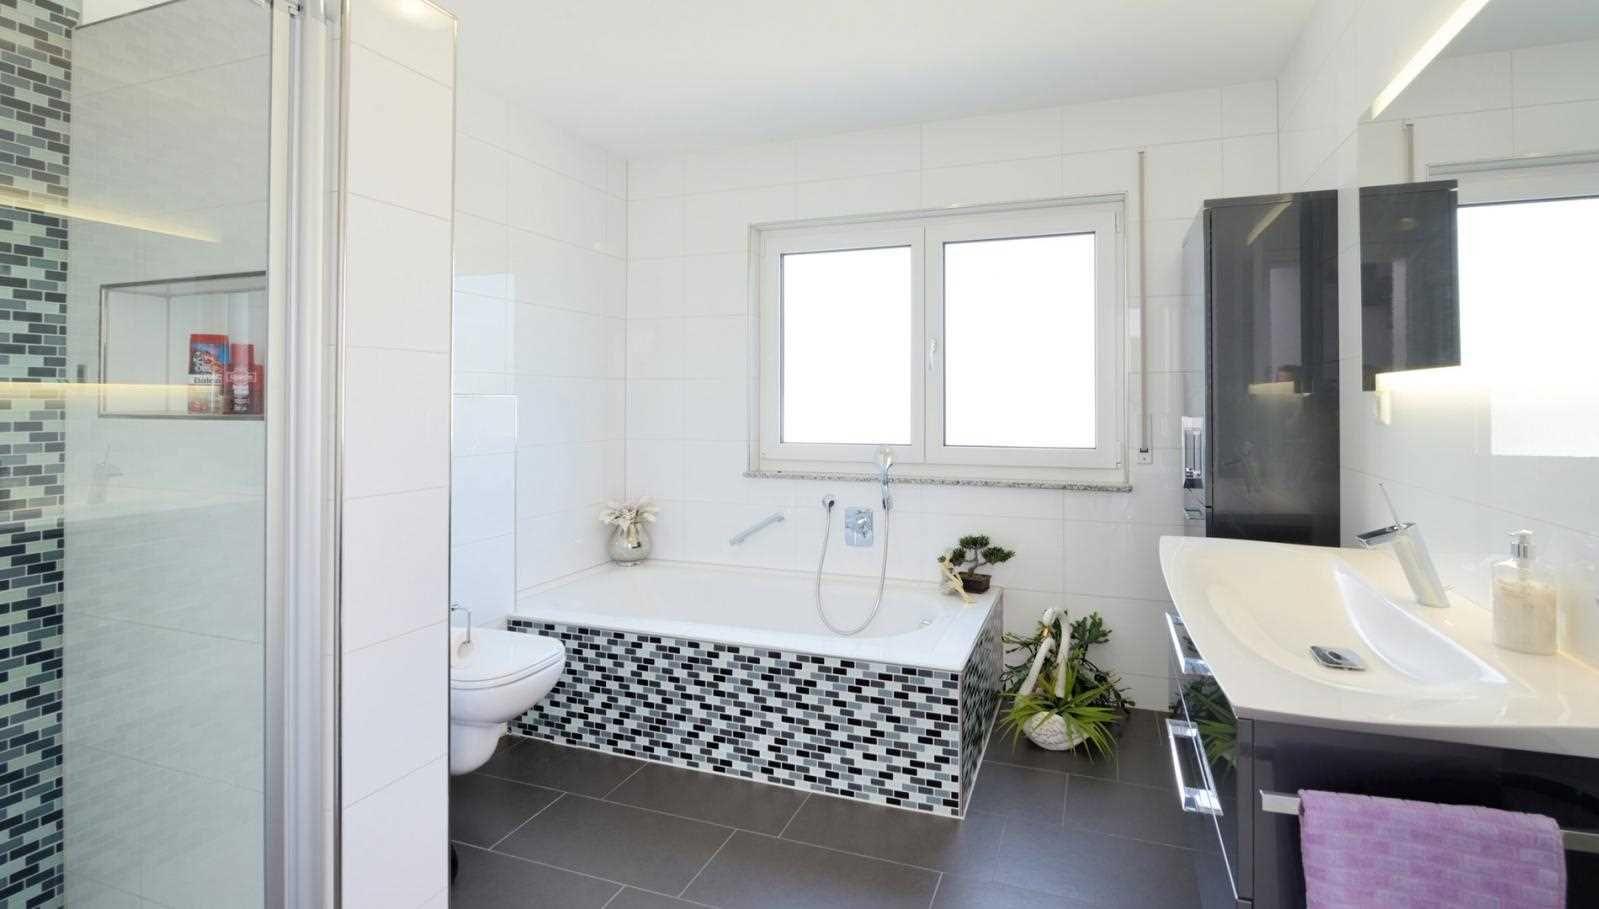 Muster Badezimmer ~ Muster schadet nie! badezimmer im haus kunz fertighaus weiss